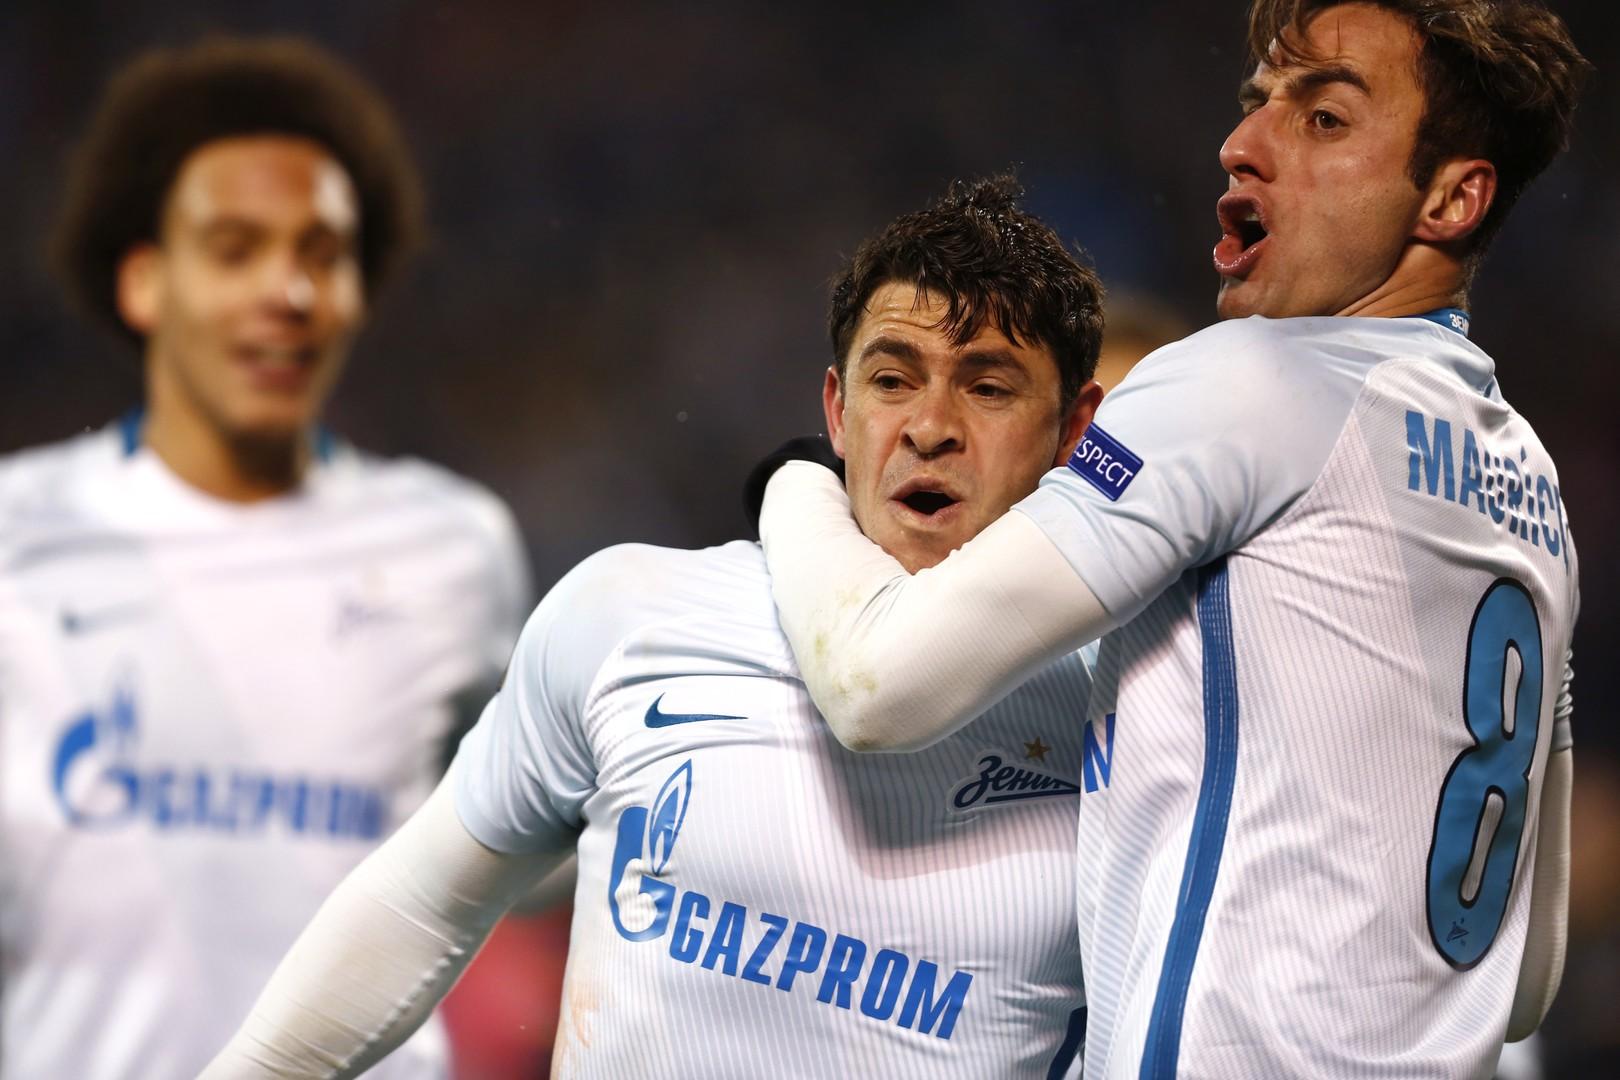 Российские парадоксы Лиги Европы: «Зенит» вышел в плей-офф, «Краснодар» помог «Шальке-04»